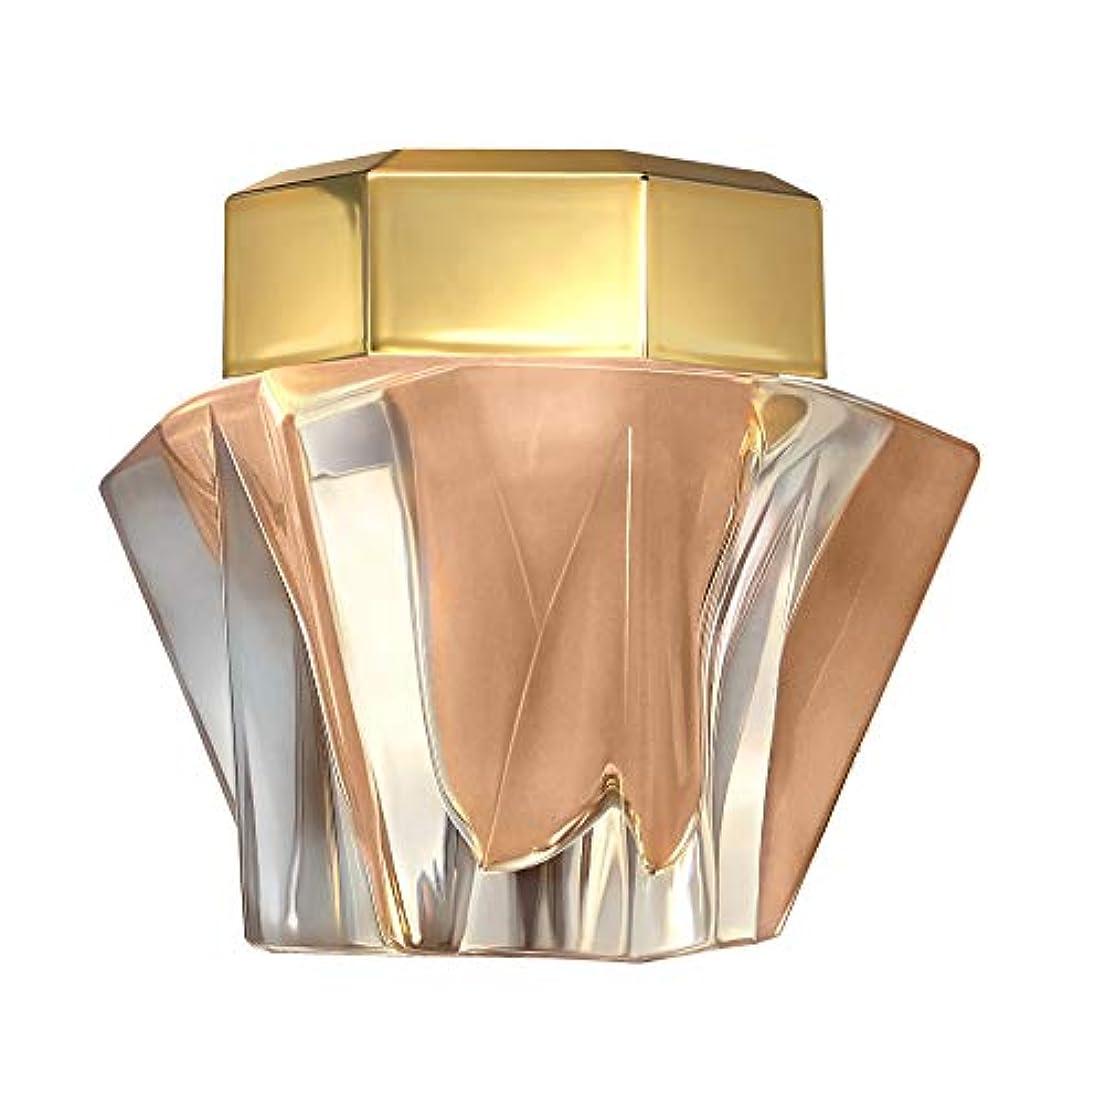 トレイ資格情報不幸Stila Lingerie Soufflé Skin Perfecting Color - Shade 3.0